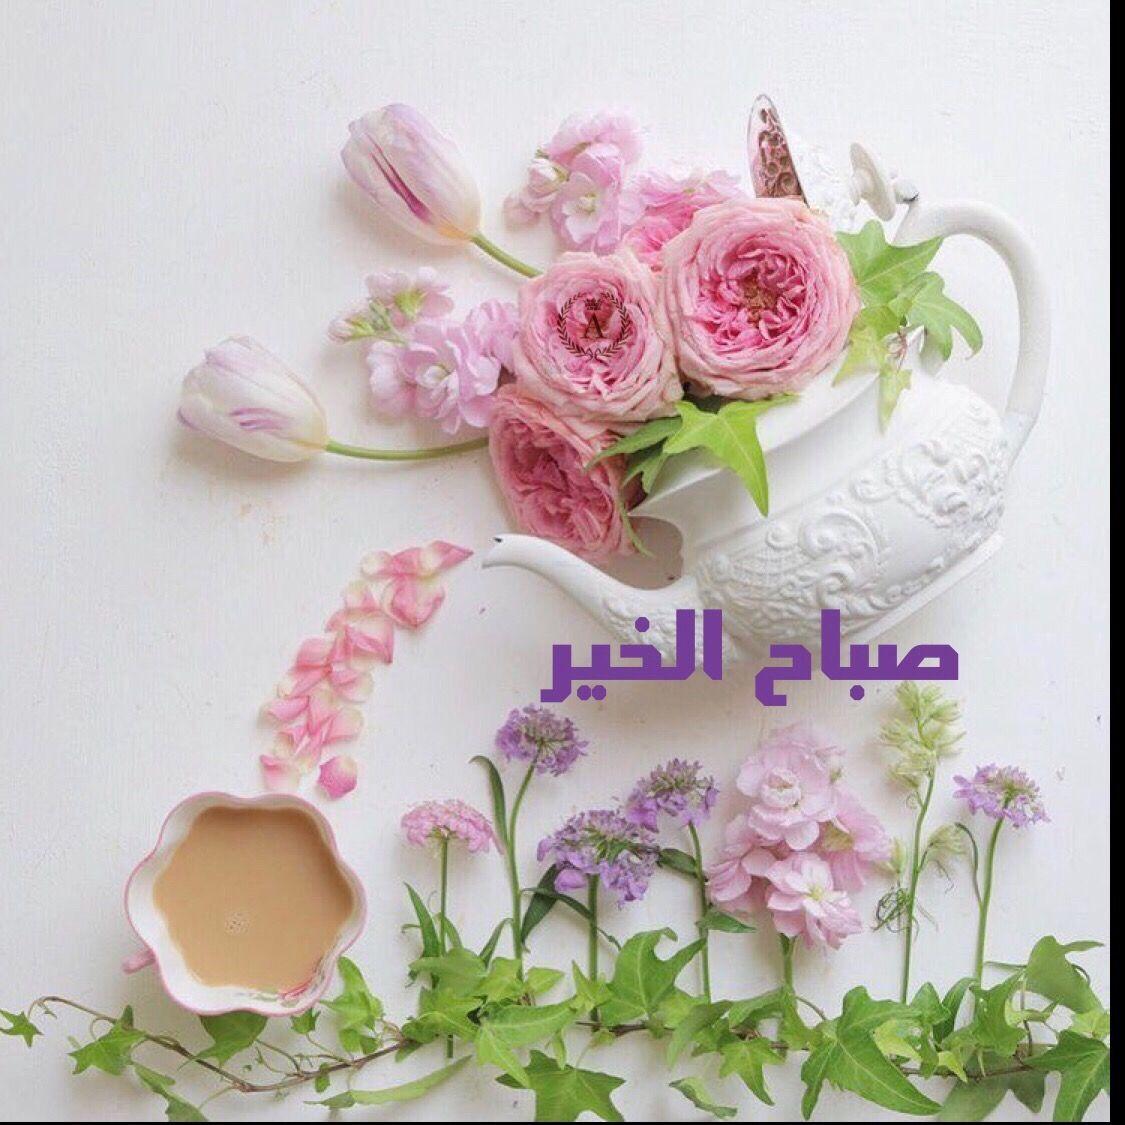 بالصور اجمل صباح الخير , اجمل صور لصباح الخير 5110 10